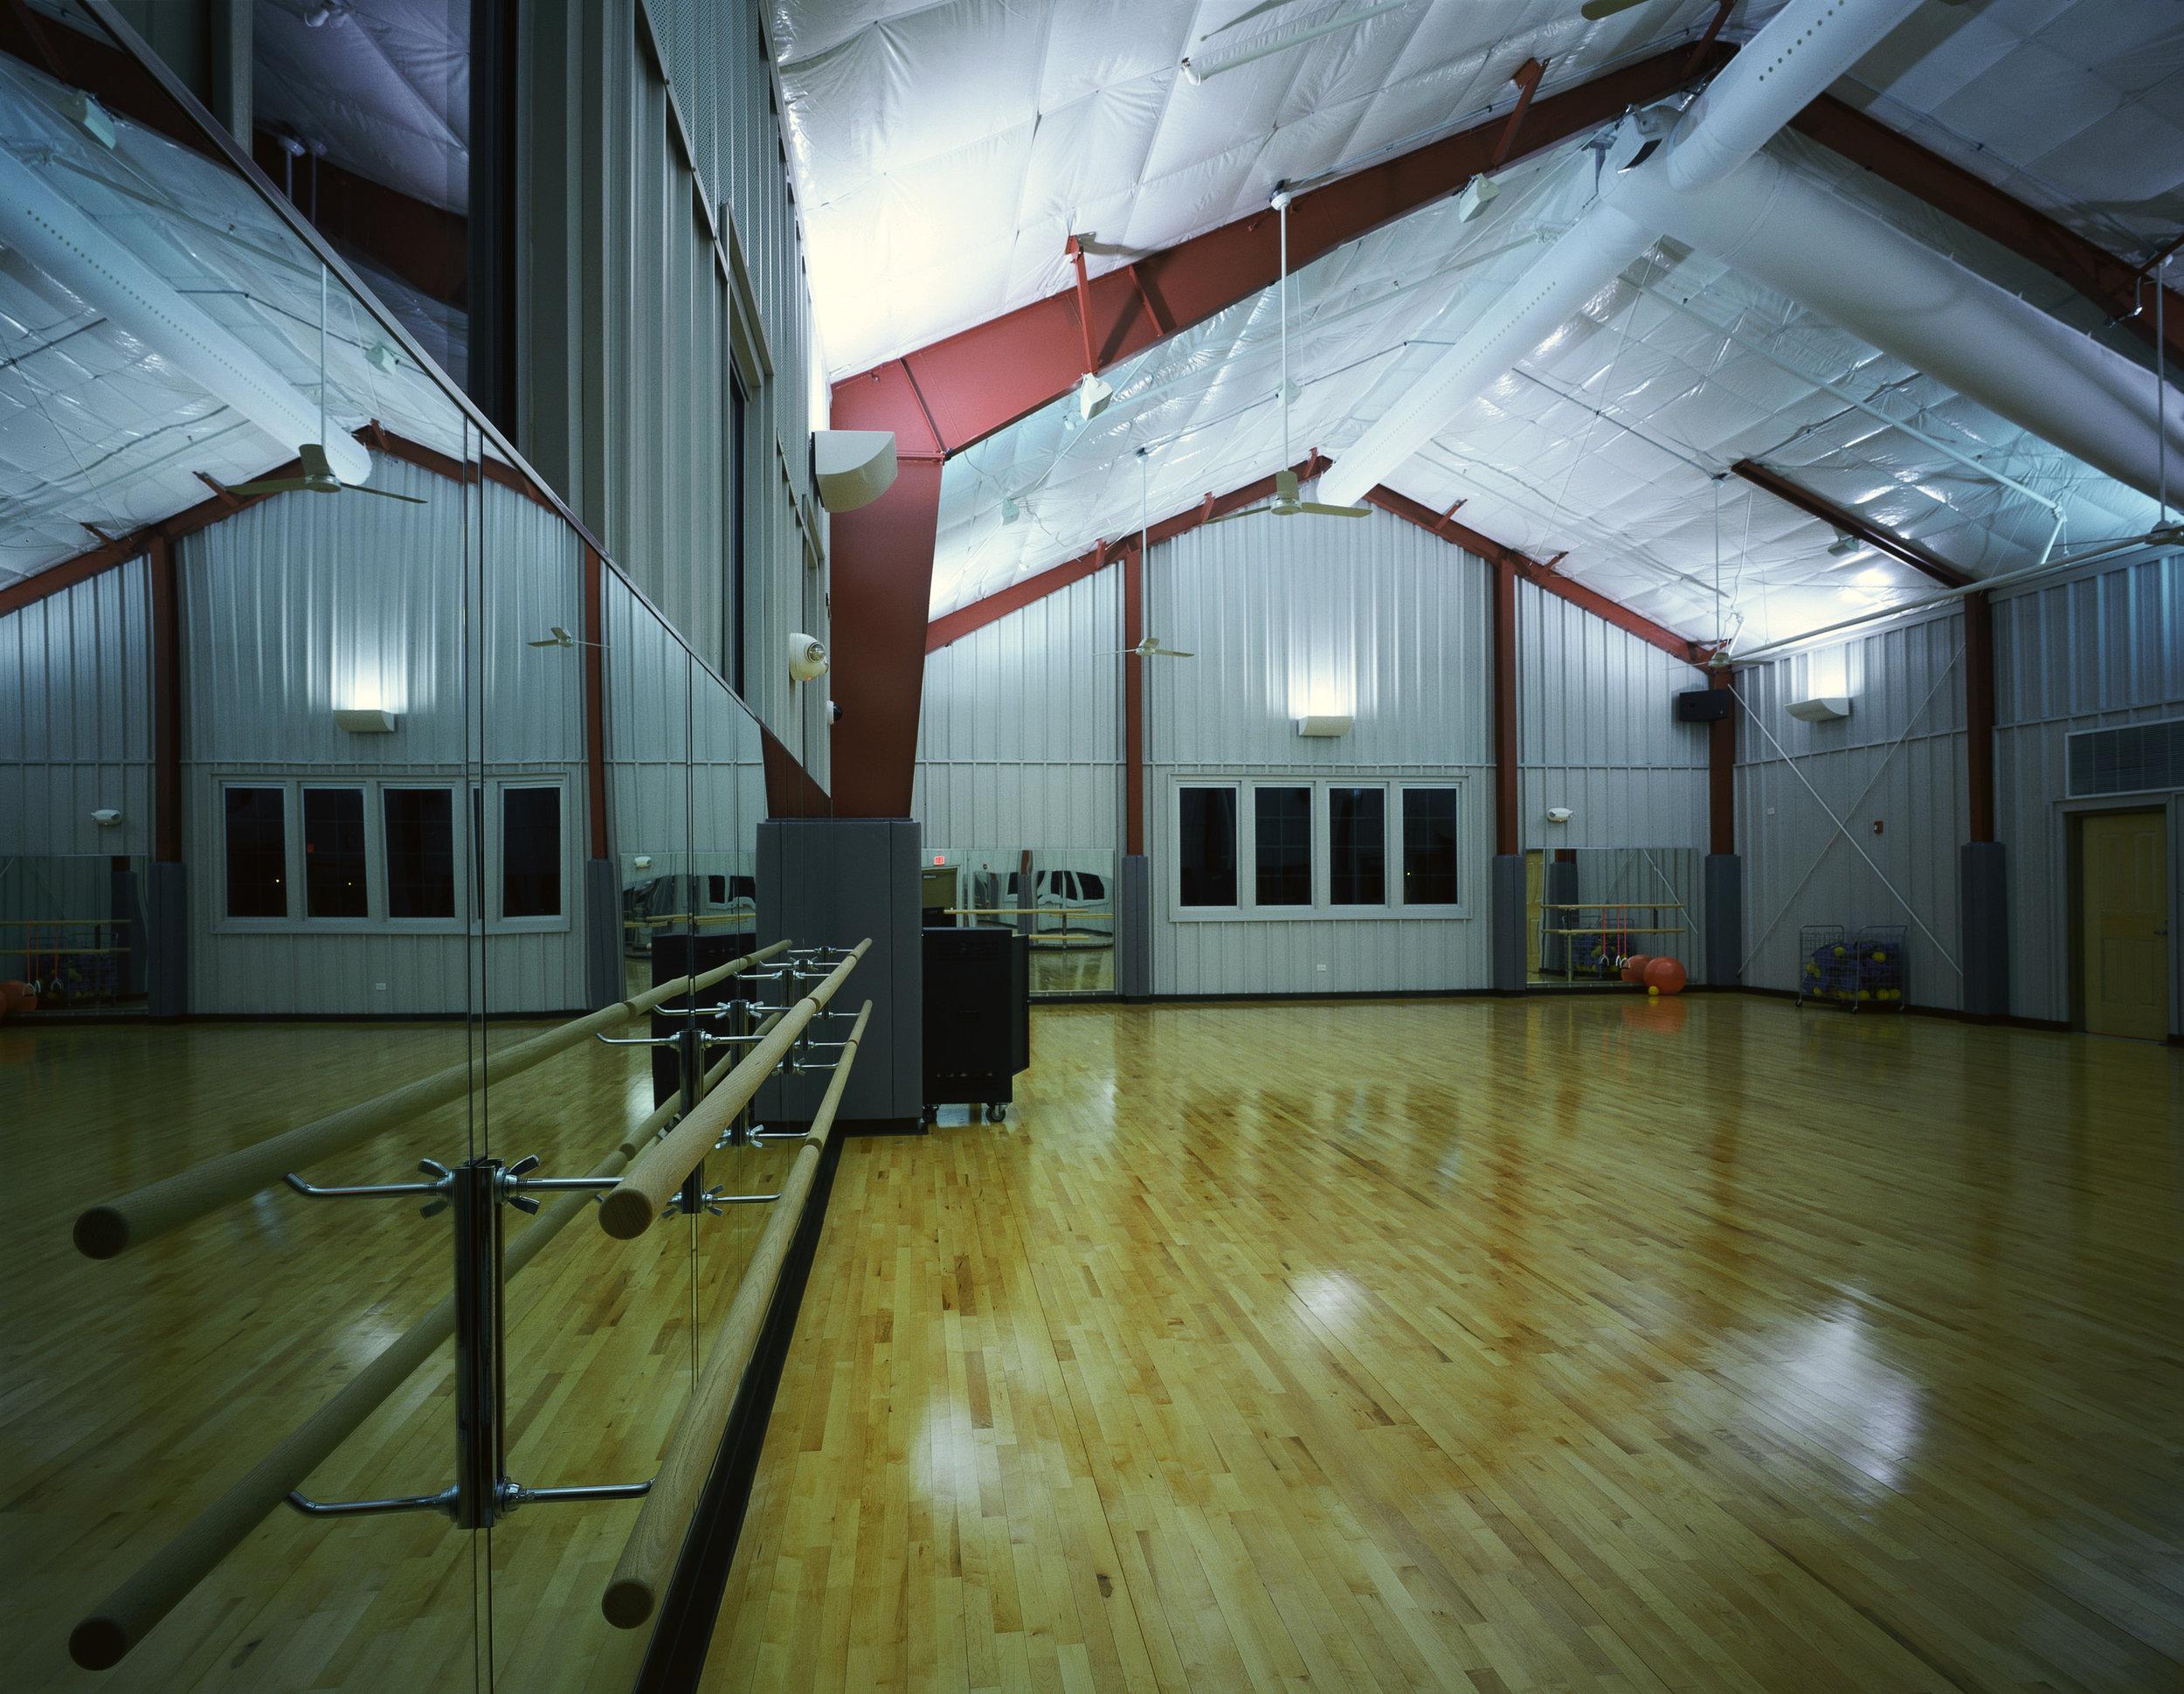 2002-049 Peck Farm exercise room.jpg